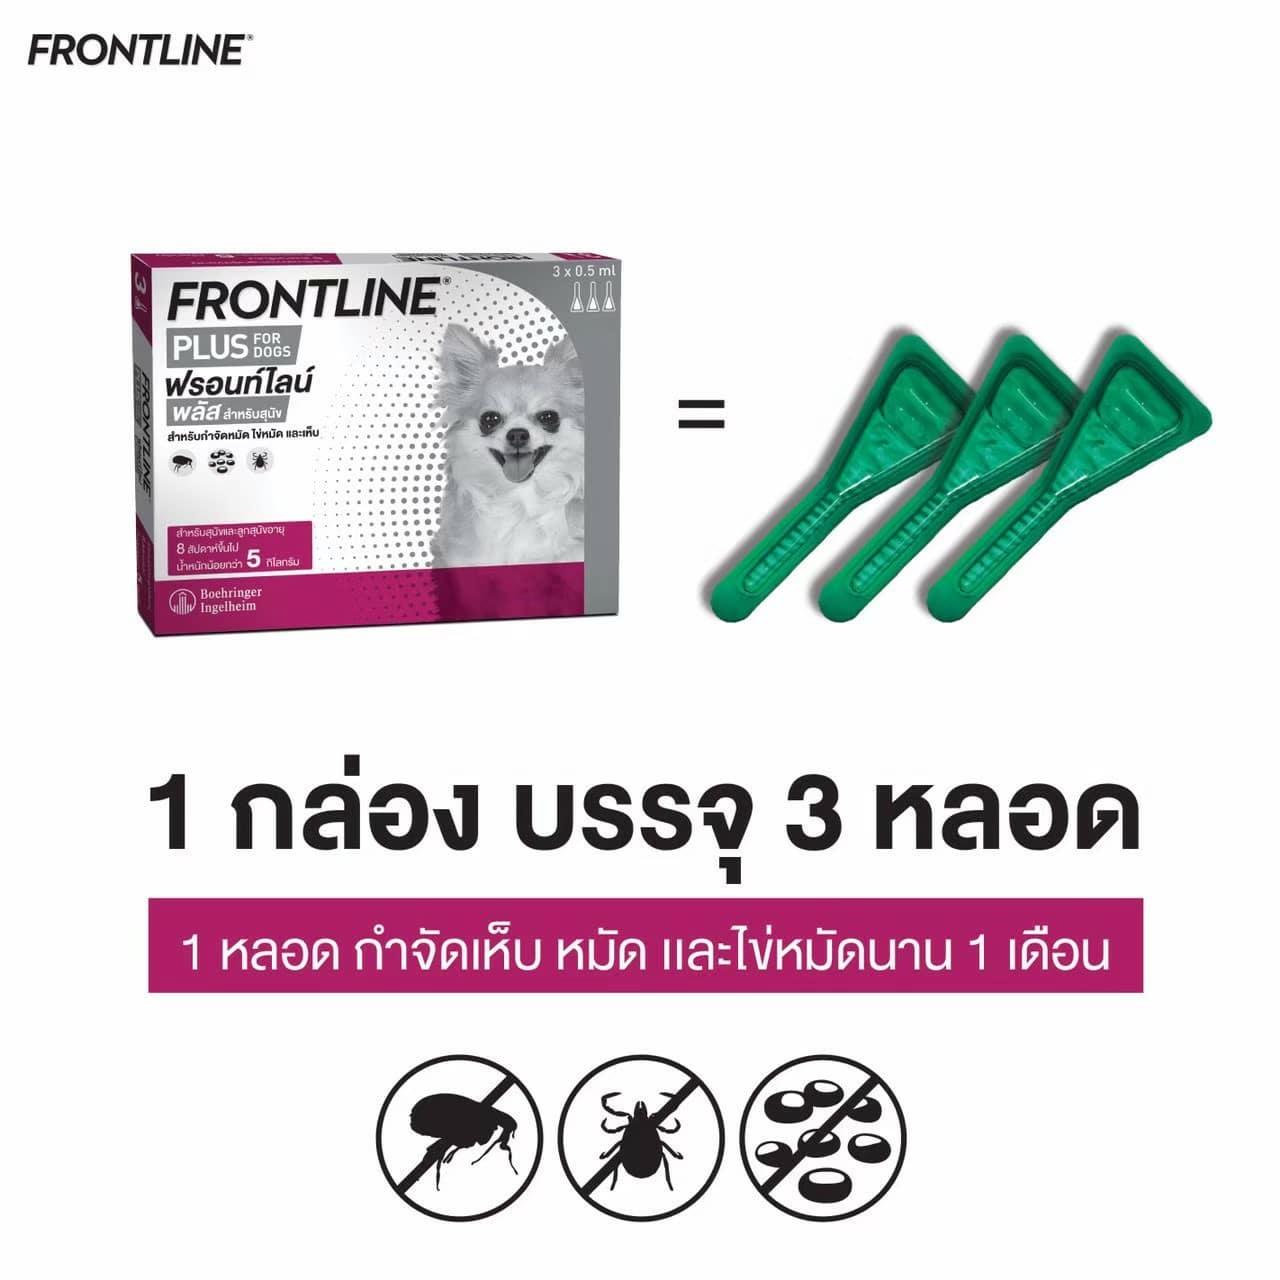 FRONTLINE PLUS2105240  